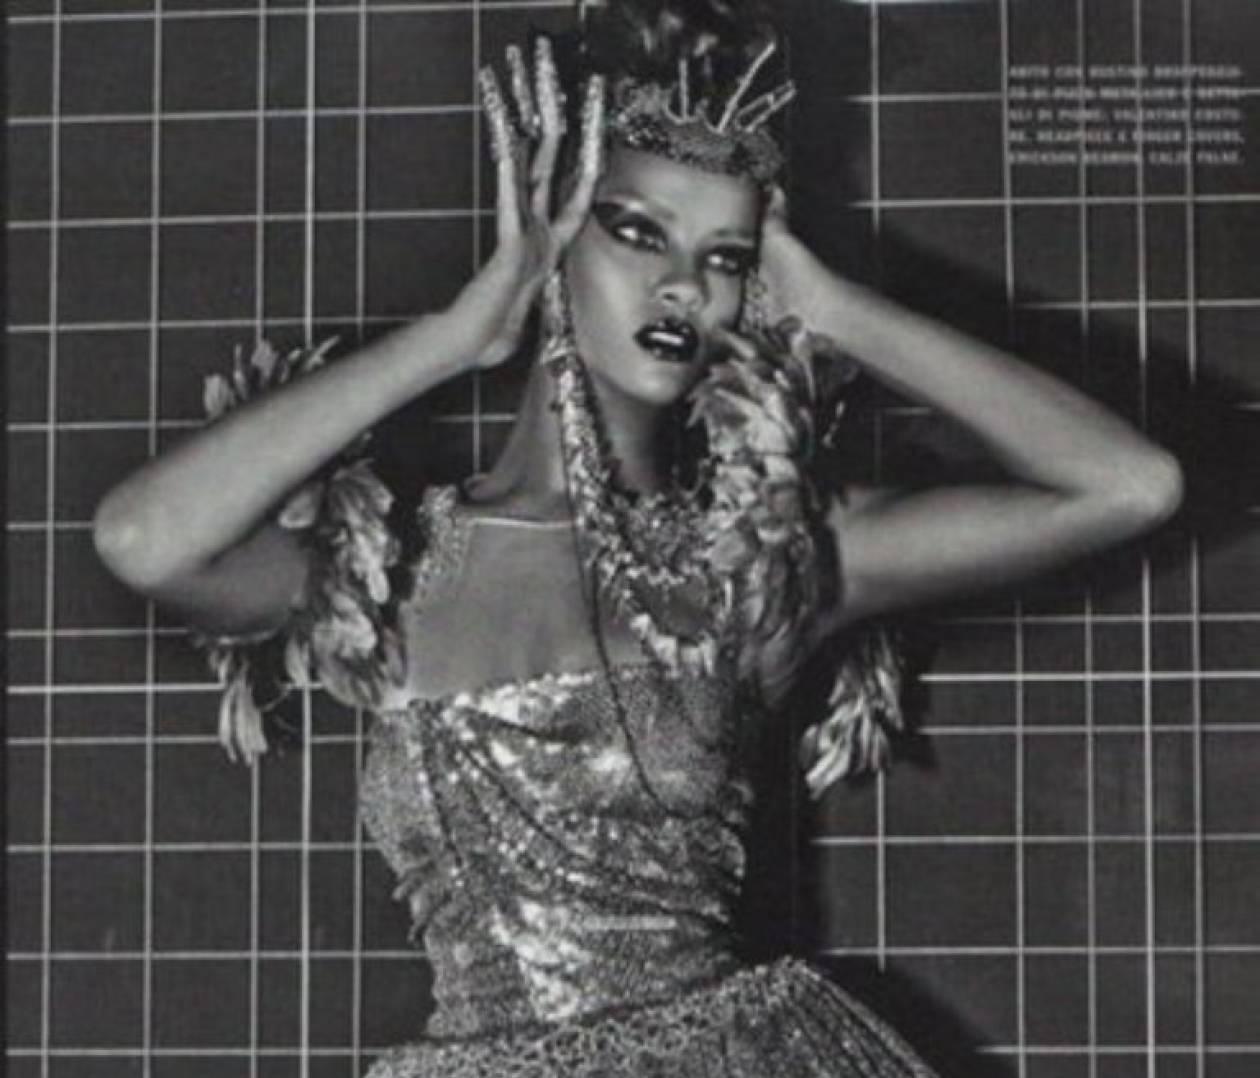 Ποια είναι η γυναίκα της χρονιάς για την ιταλική Vogue;